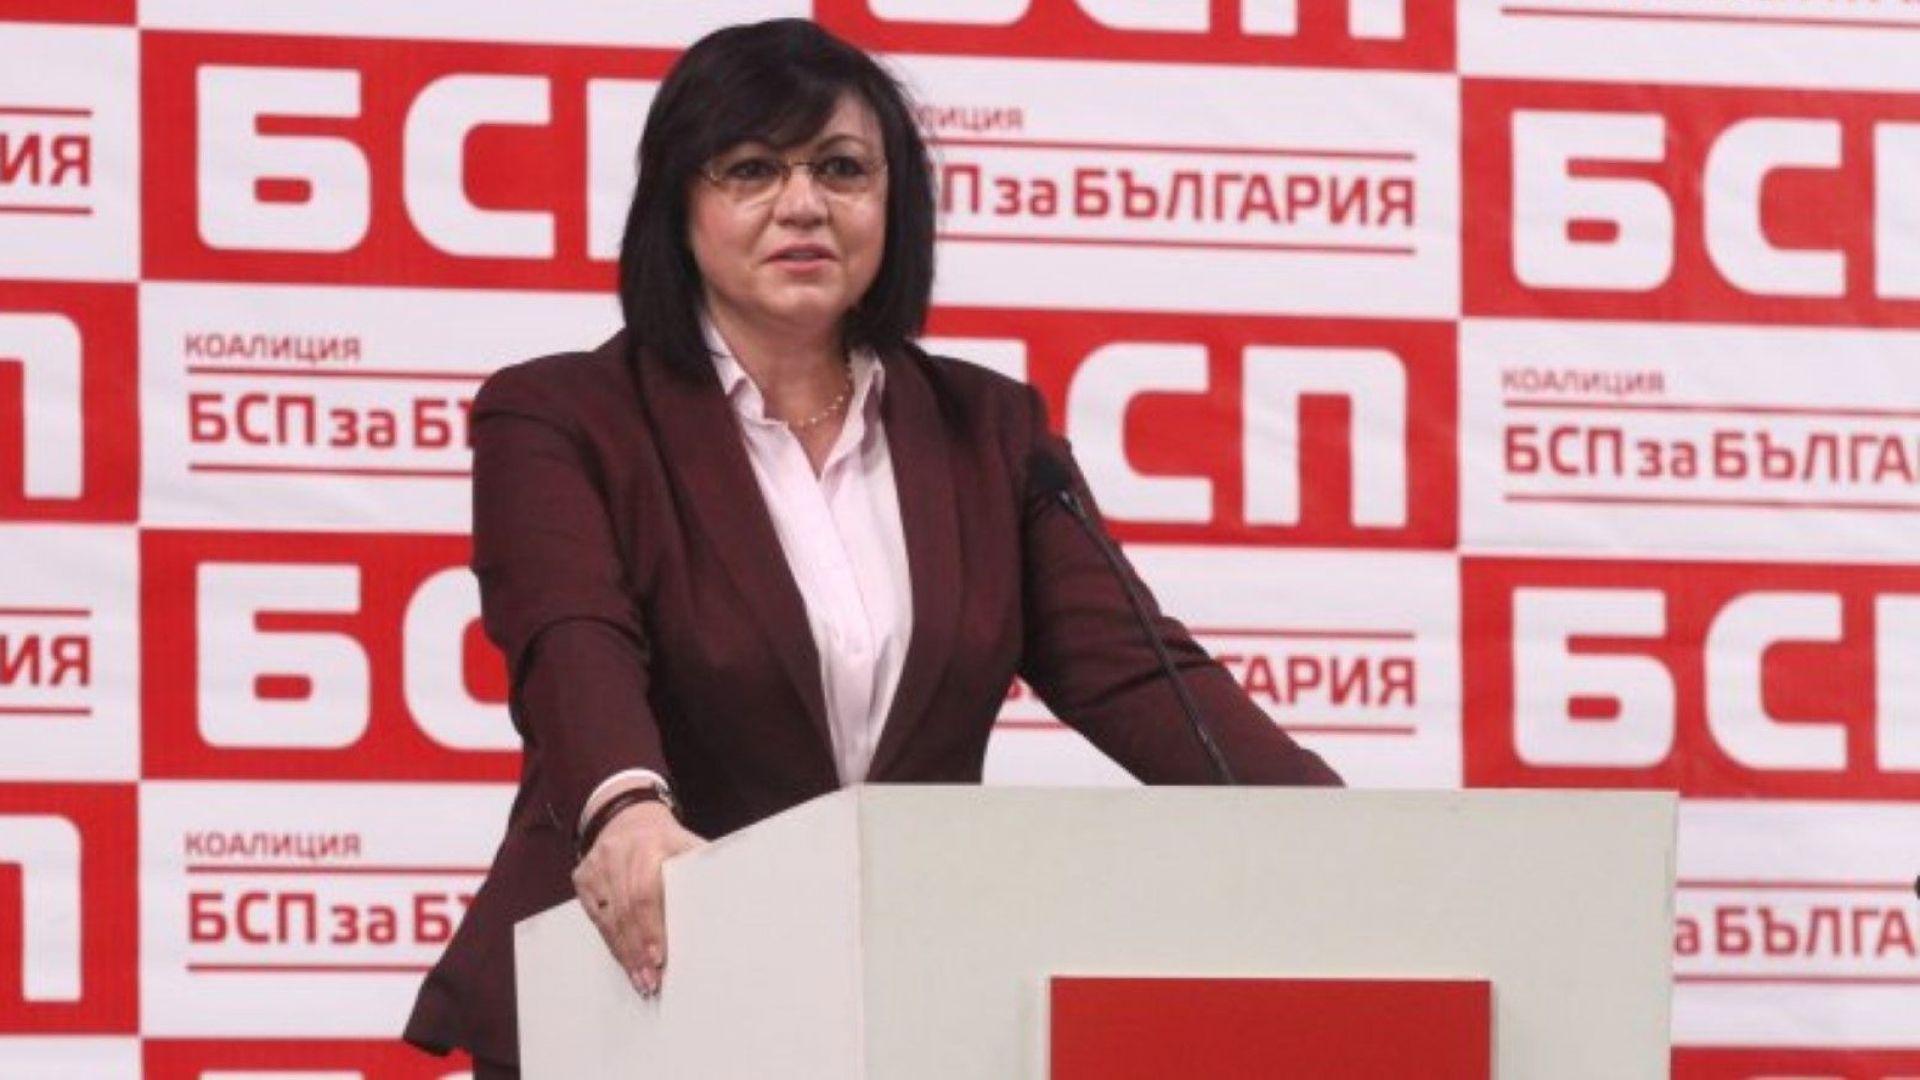 Кметът на Сливница е осъдил Корнелия Нинова, дава я на съдия-изпълнител